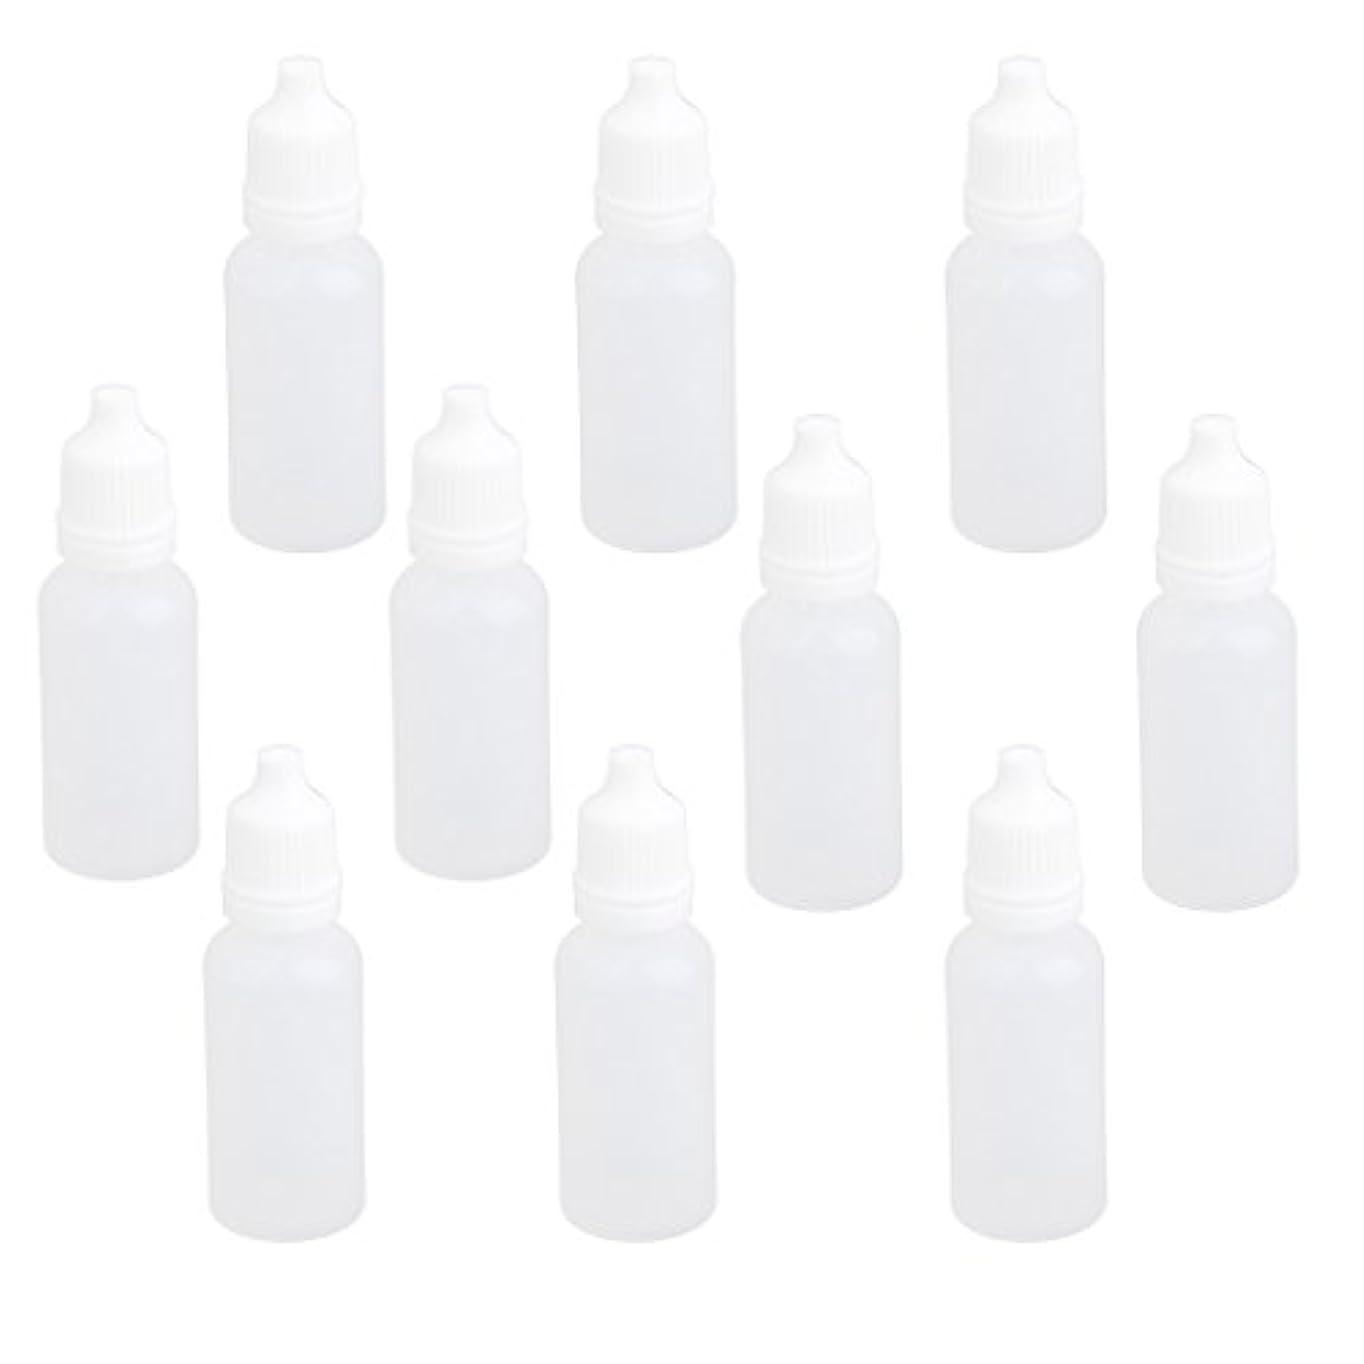 取り扱いあいにく針【ノーブランド品】ドロッパーボトル 点眼 液体 貯蔵用 滴瓶 プラスチック製 10個 (15ml)